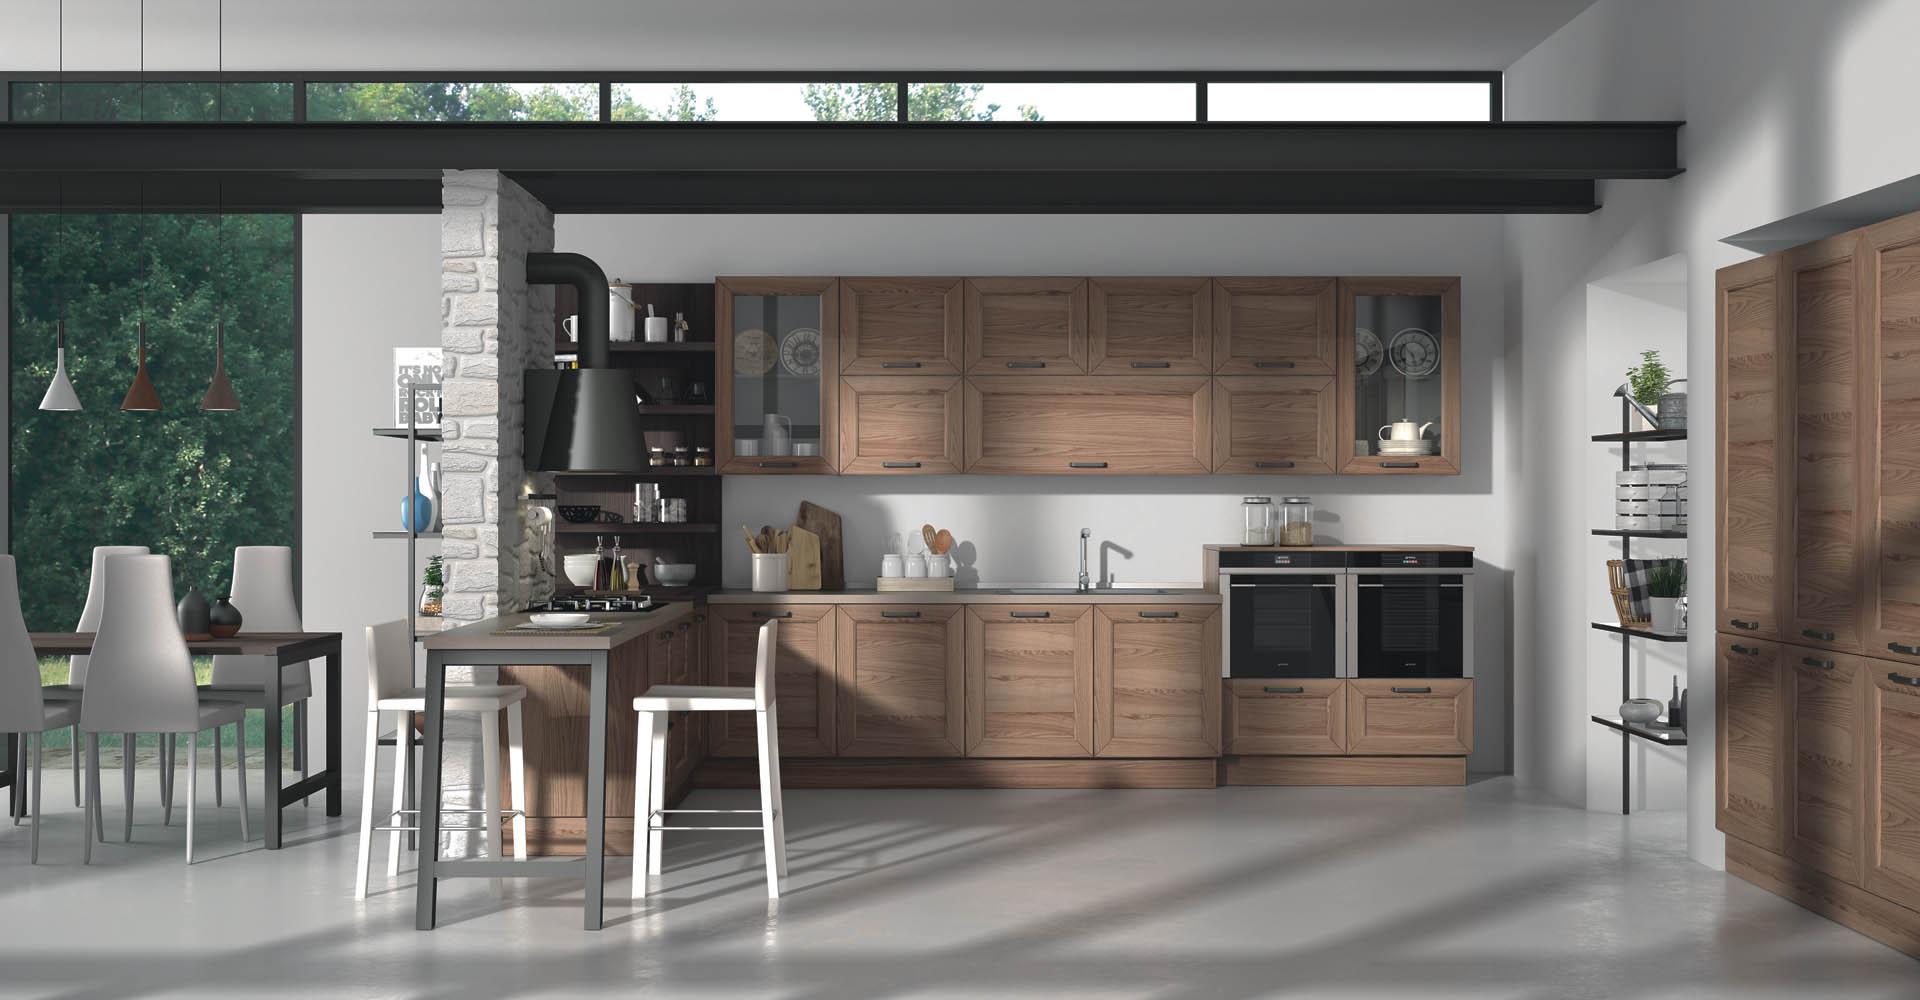 cucina sanasi su misura in legno collezione contemporaneo modello divina brindisi san pancrazio salentino lecce dubai